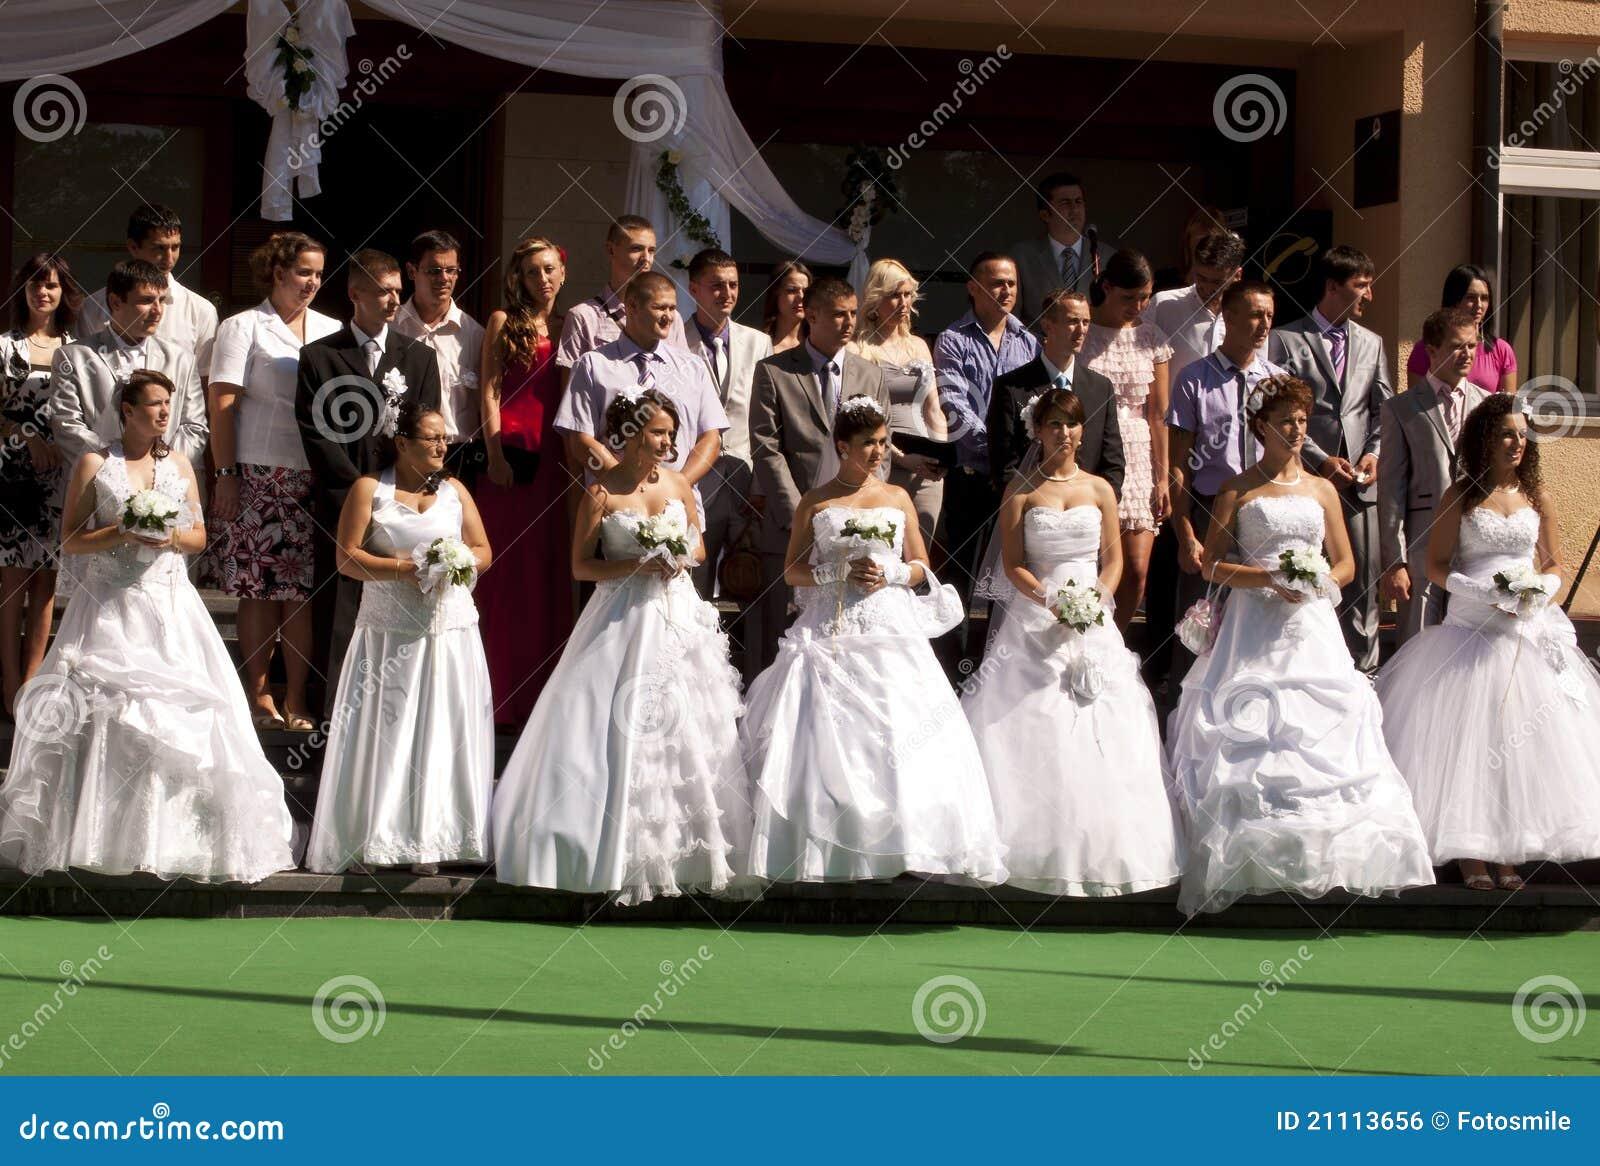 Mariage de groupe en bosnie photo ditorial image 21113656 - Photo de groupe mariage ...